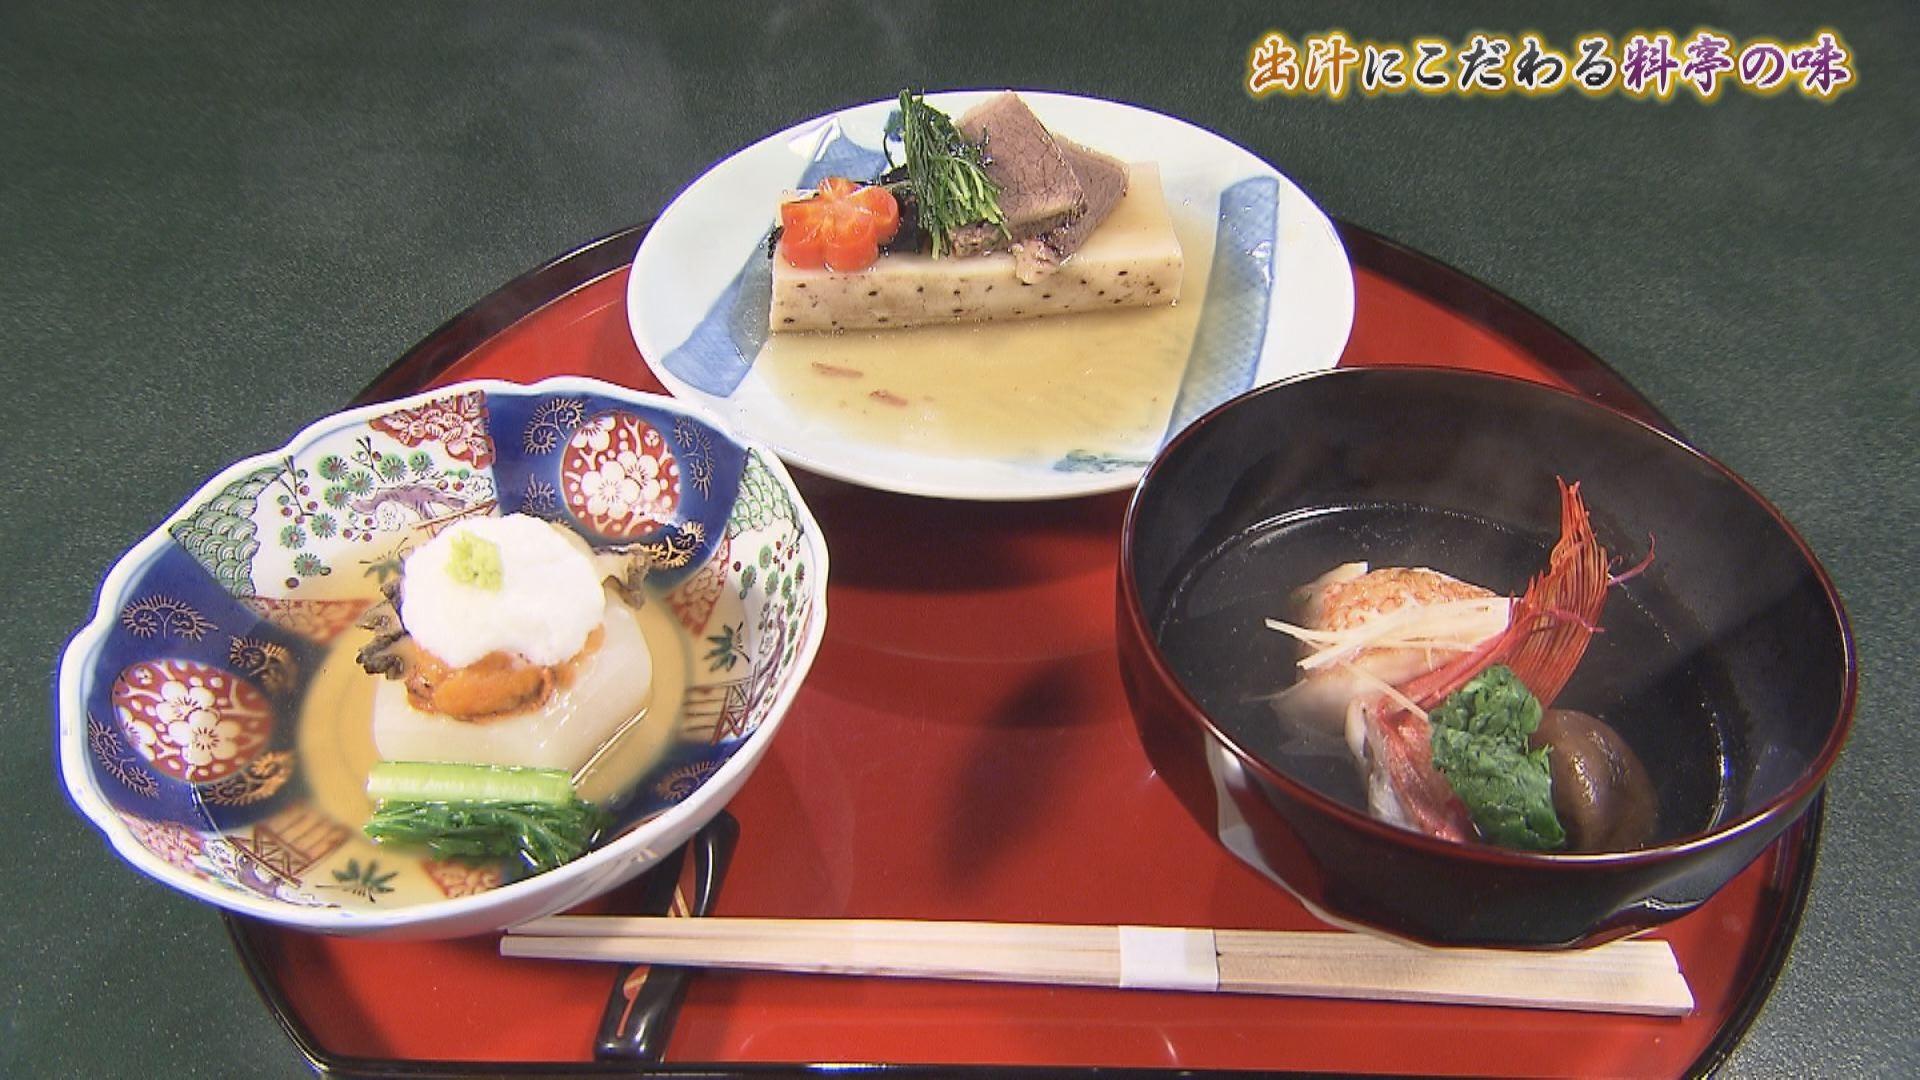 いいコト!特集「和食はダシにあり!」